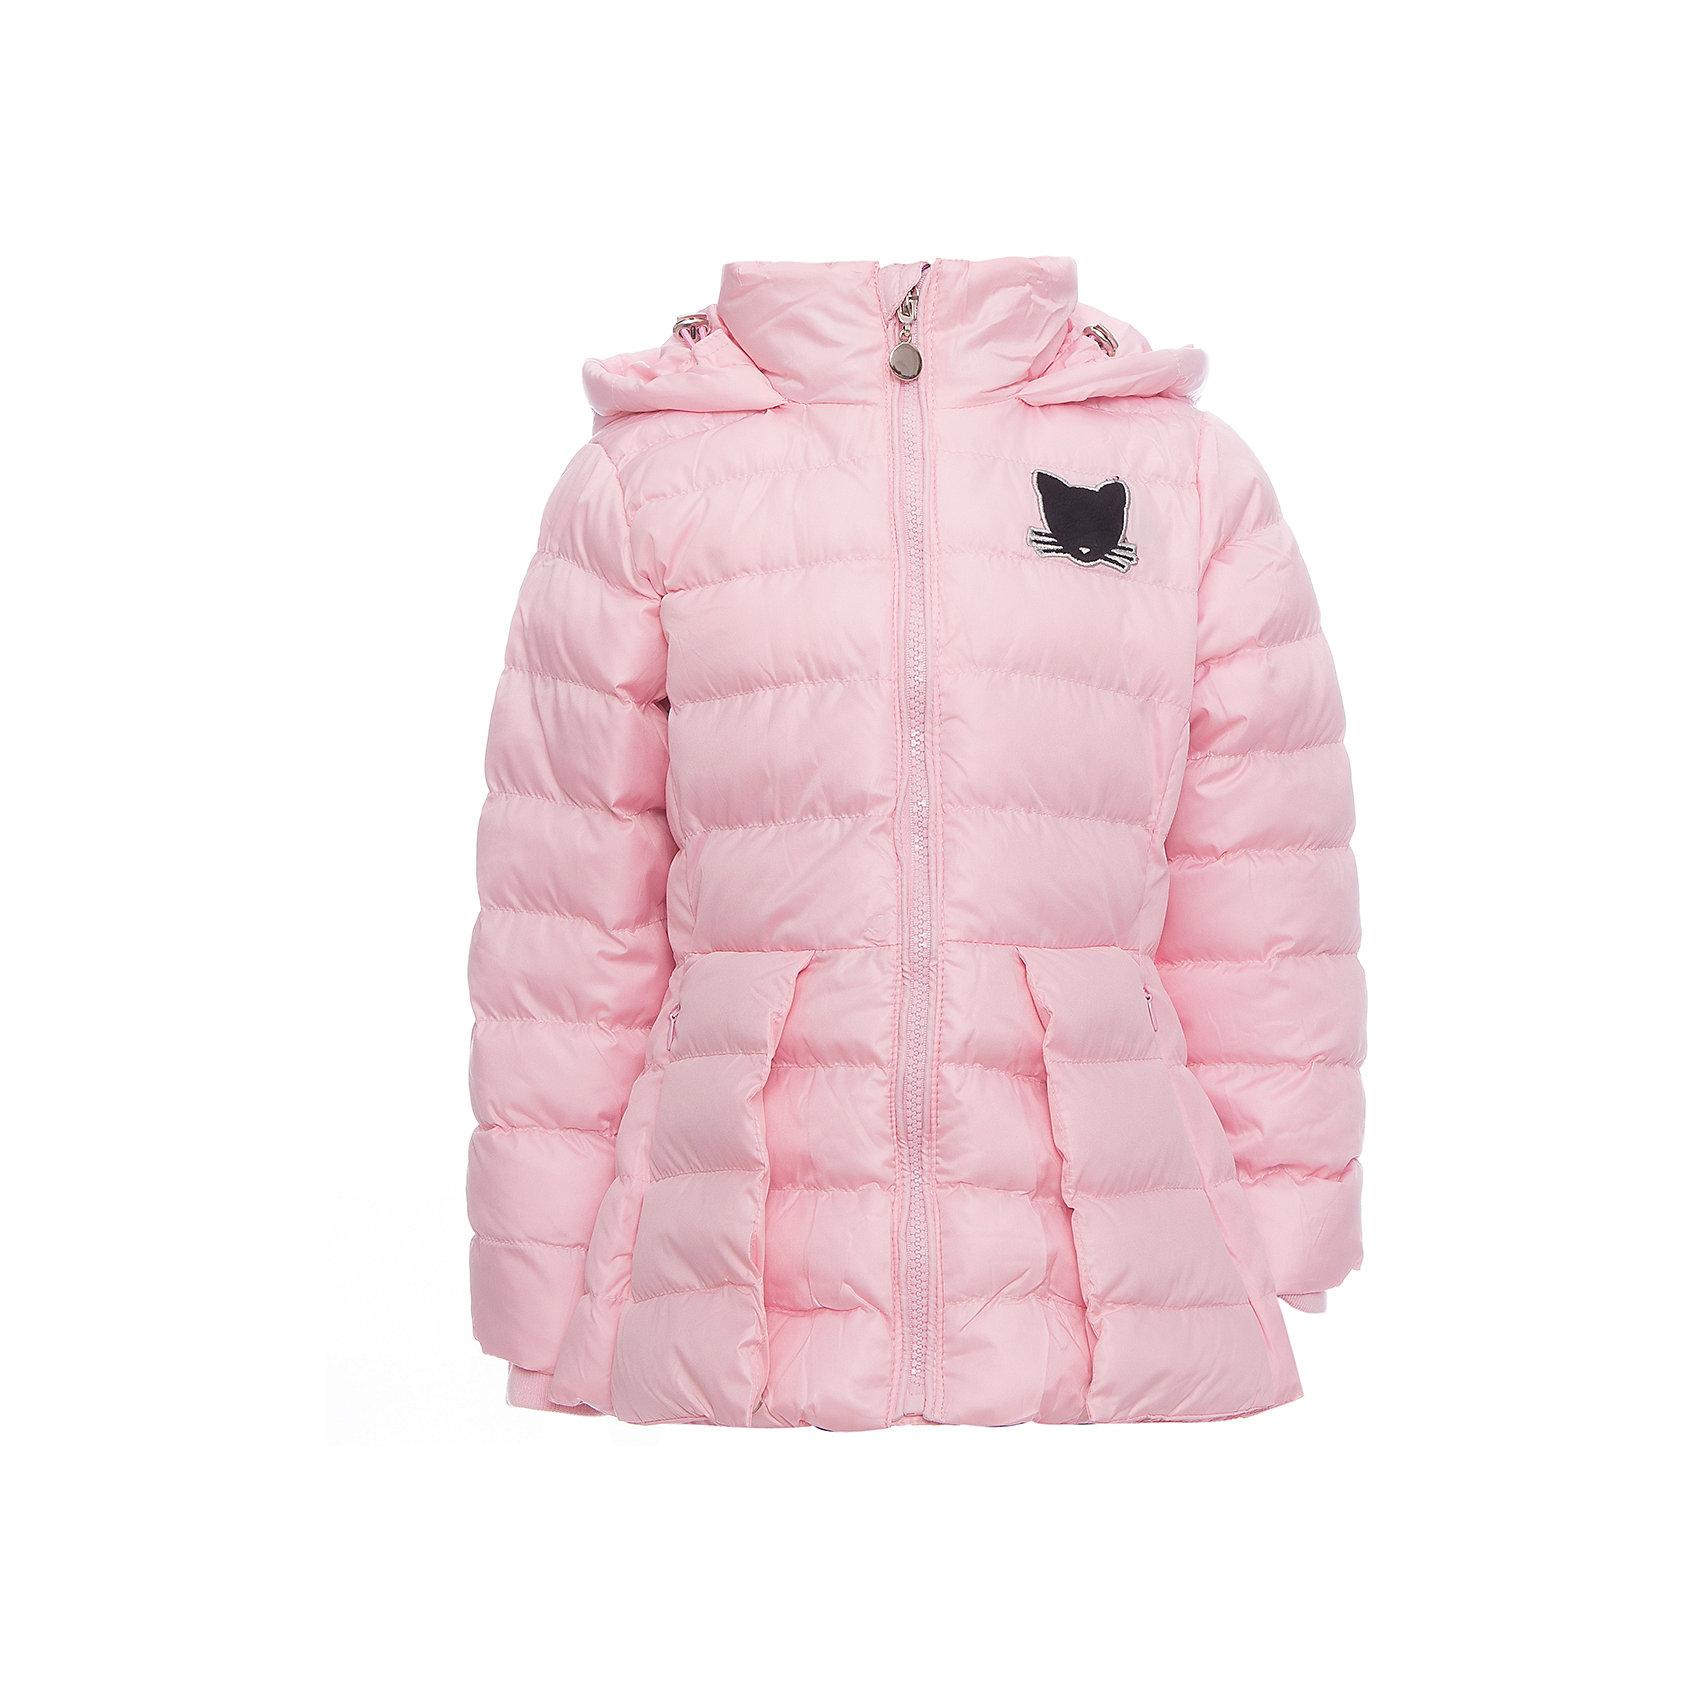 Куртка Sweet Berry для девочкиДемисезонные куртки<br>Куртка Sweet Berry для девочки<br>Стильная, стеганая куртка для девочки декорированная милой аппликацией.  Воротник- стойка, несъемный капюшон с дополнительной утяжкой. Два прорезных кармана. Рукава с мягкой эластичной манжетой. Застегивается на молнию.<br>Состав:<br>Верх: 100% полиэстер Подкладка: 100% полиэстер Наполнитель 100% полиэстер<br><br>Ширина мм: 356<br>Глубина мм: 10<br>Высота мм: 245<br>Вес г: 519<br>Цвет: розовый<br>Возраст от месяцев: 84<br>Возраст до месяцев: 96<br>Пол: Женский<br>Возраст: Детский<br>Размер: 128,98,104,110,116,122<br>SKU: 7094038